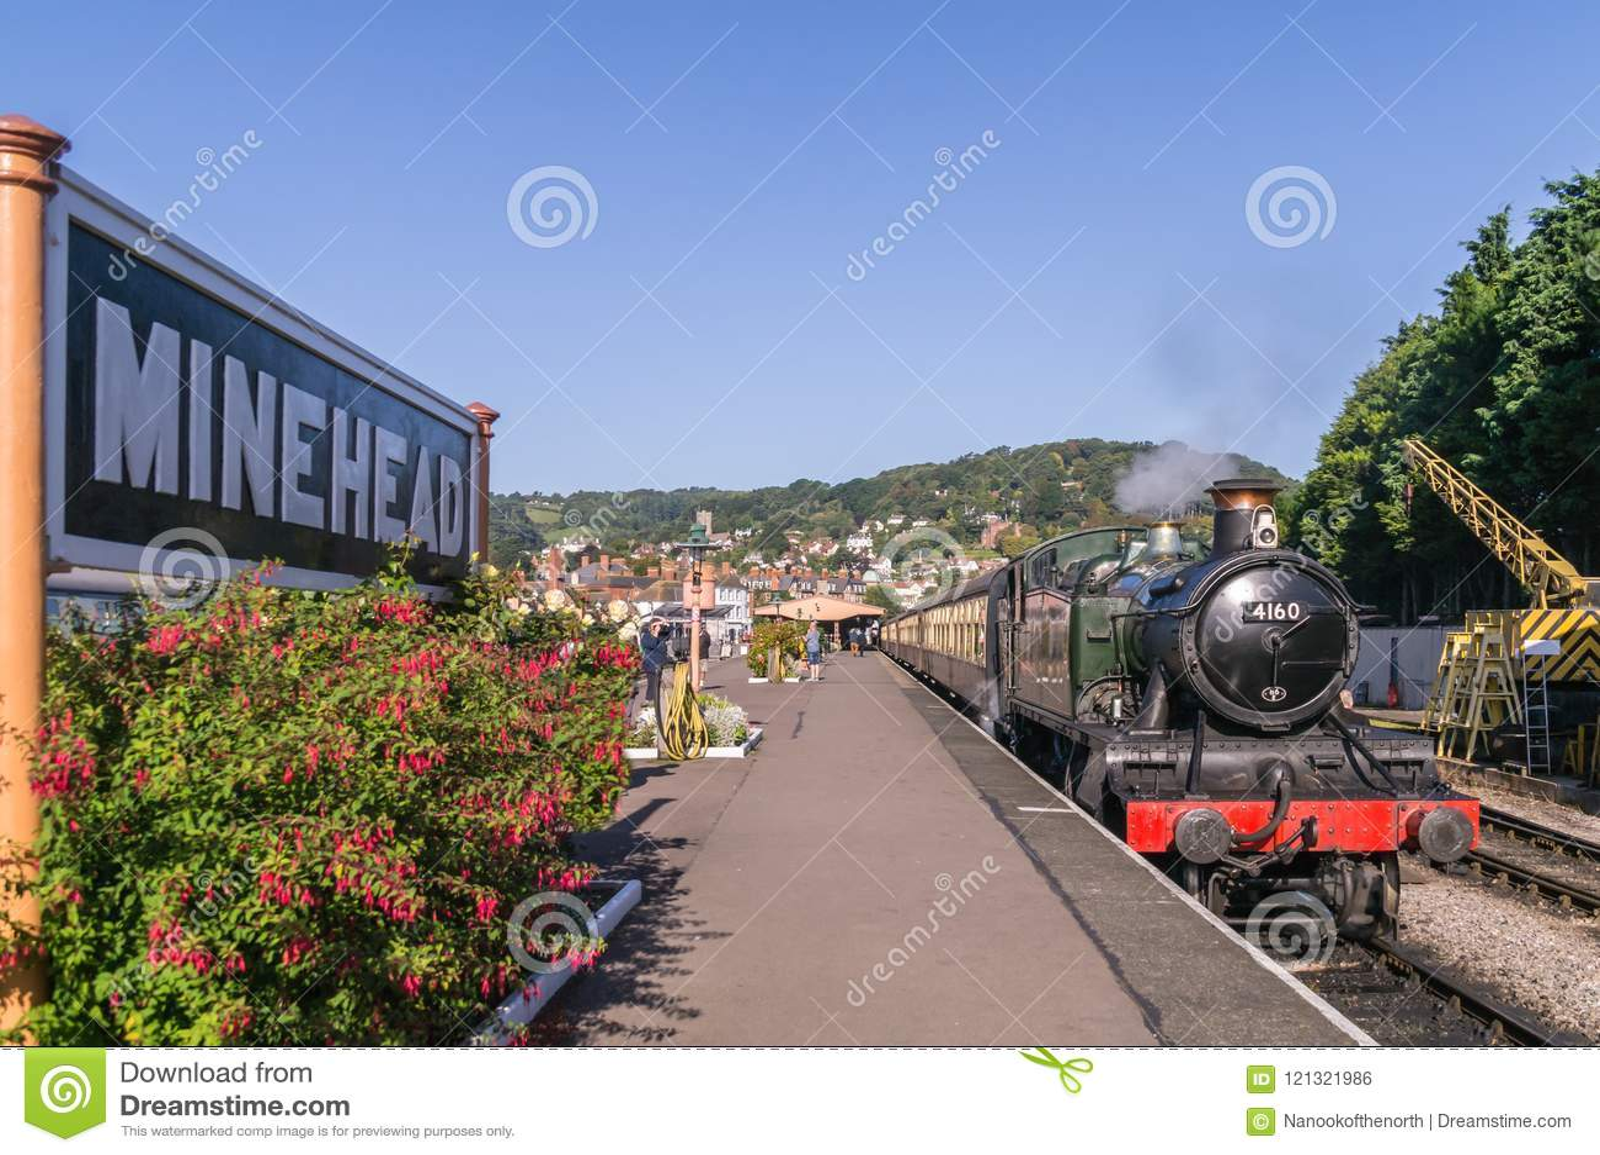 Locomotive à vapeur 4160 à la station de Minehead, Somerset